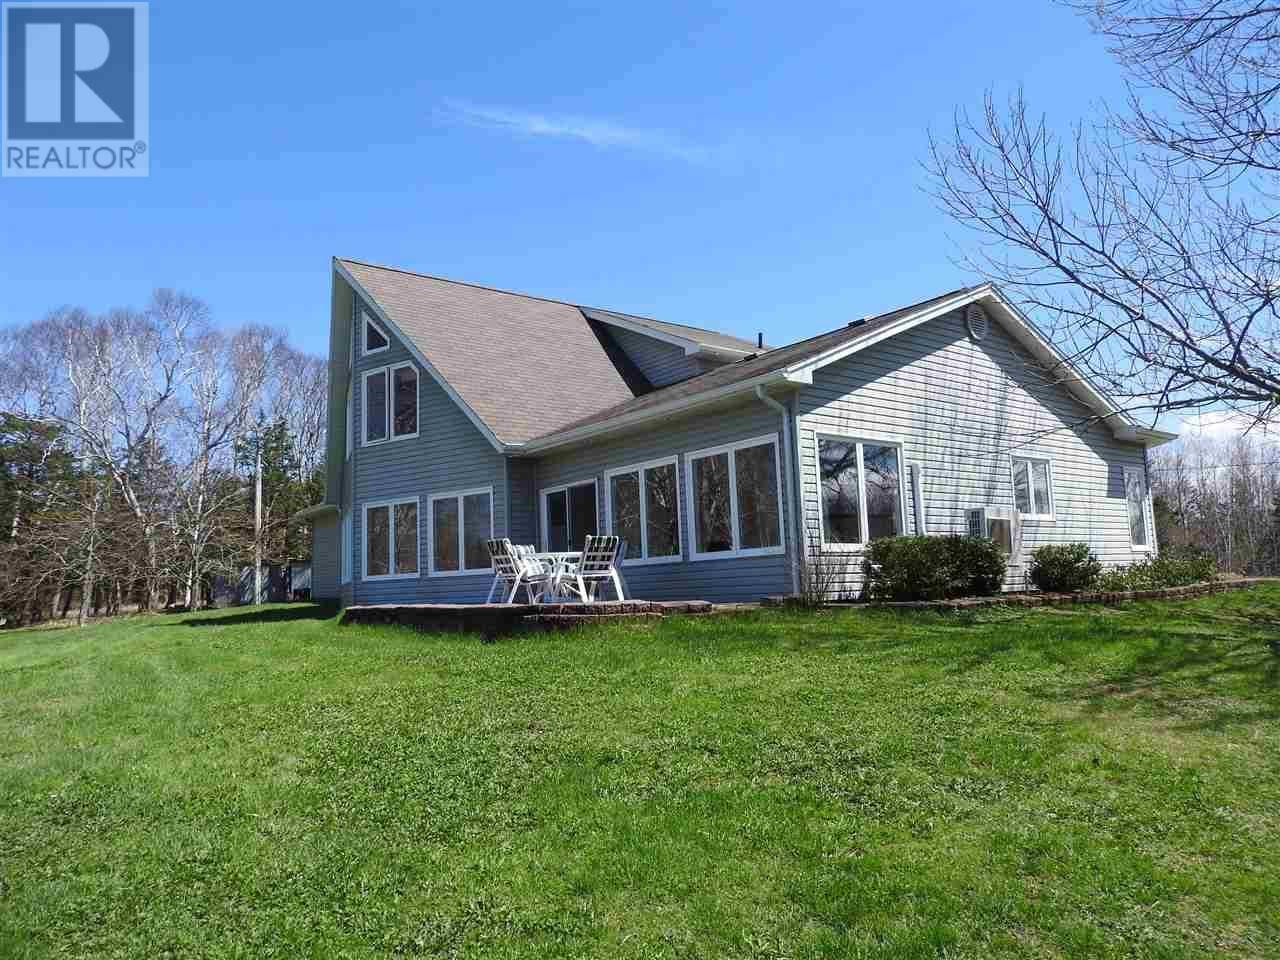 House for sale at 90 Cochrane Ln Pembroke Nova Scotia - MLS: 201810789